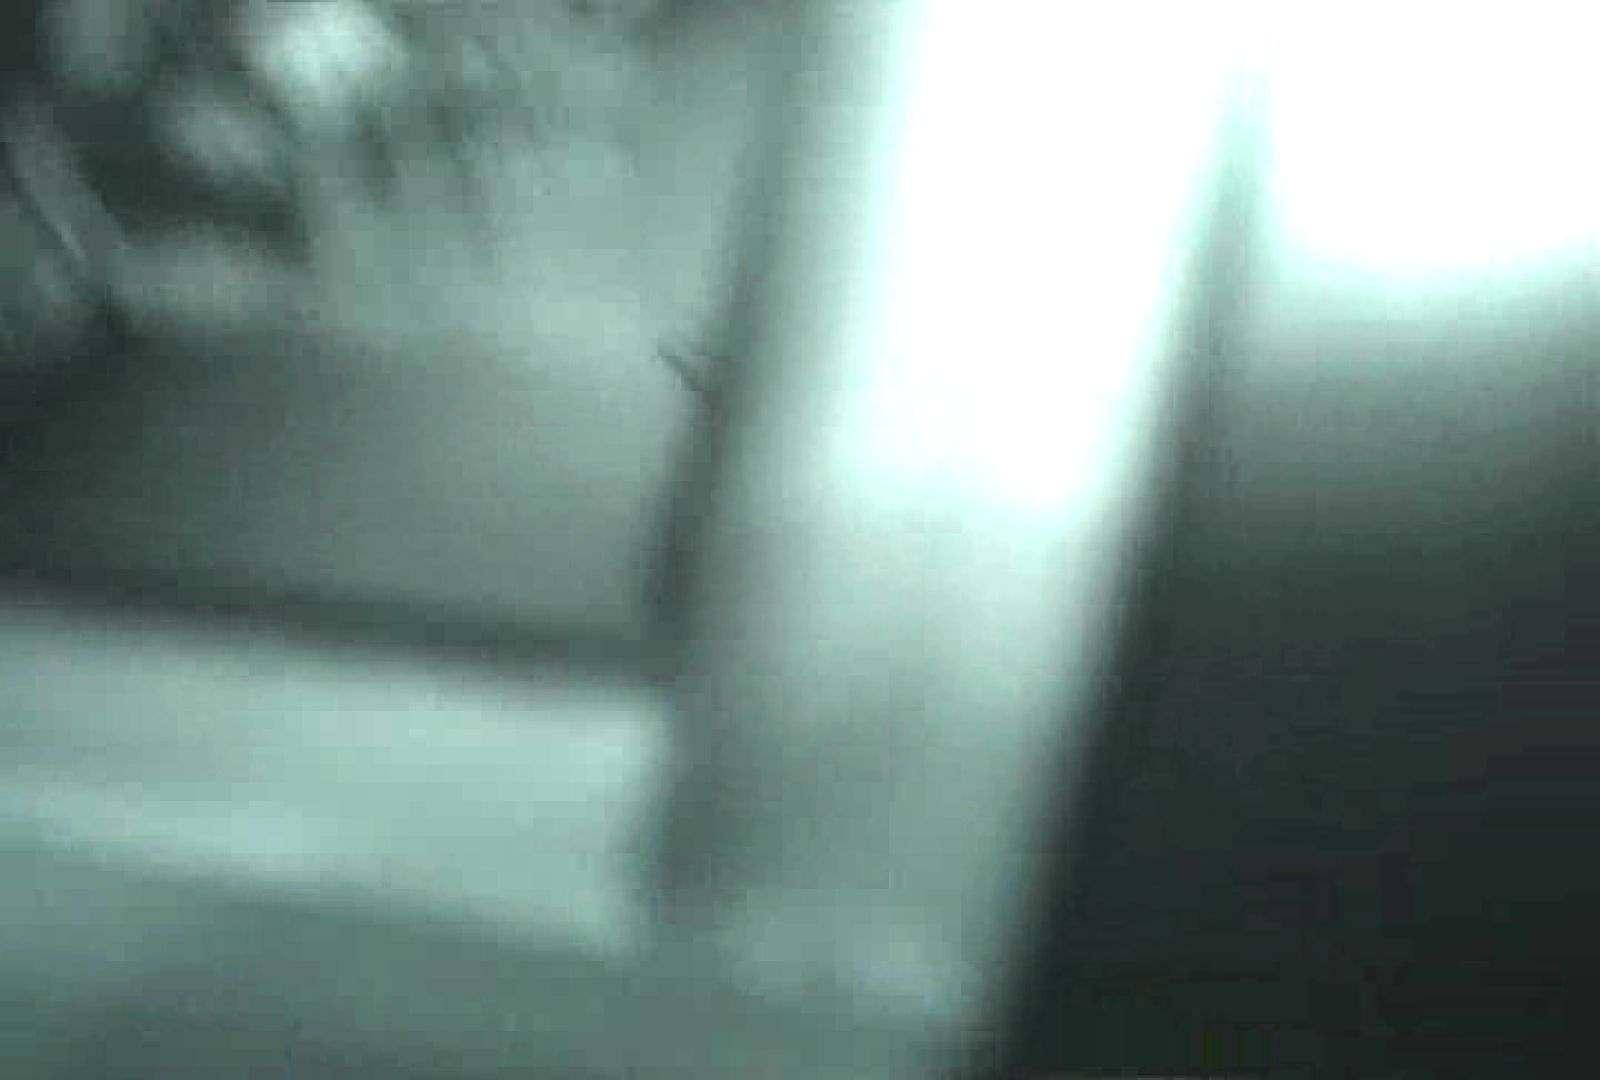 充血監督の深夜の運動会Vol.44 OL女体 | セックス流出映像  46連発 16